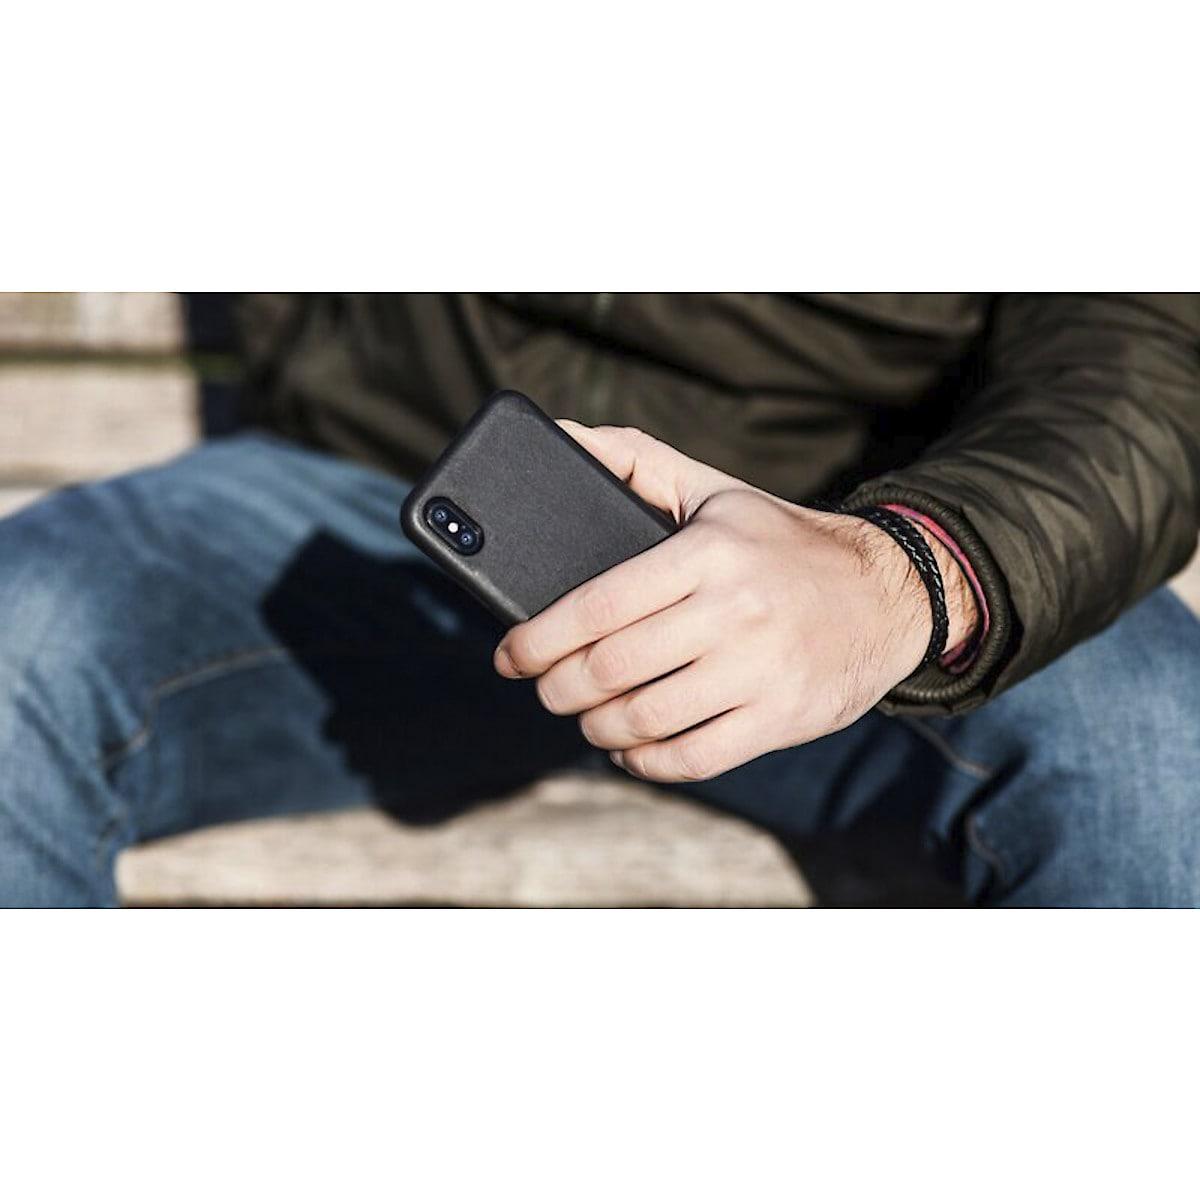 Lærarmbånd med ladekabel til iPhone/iPad